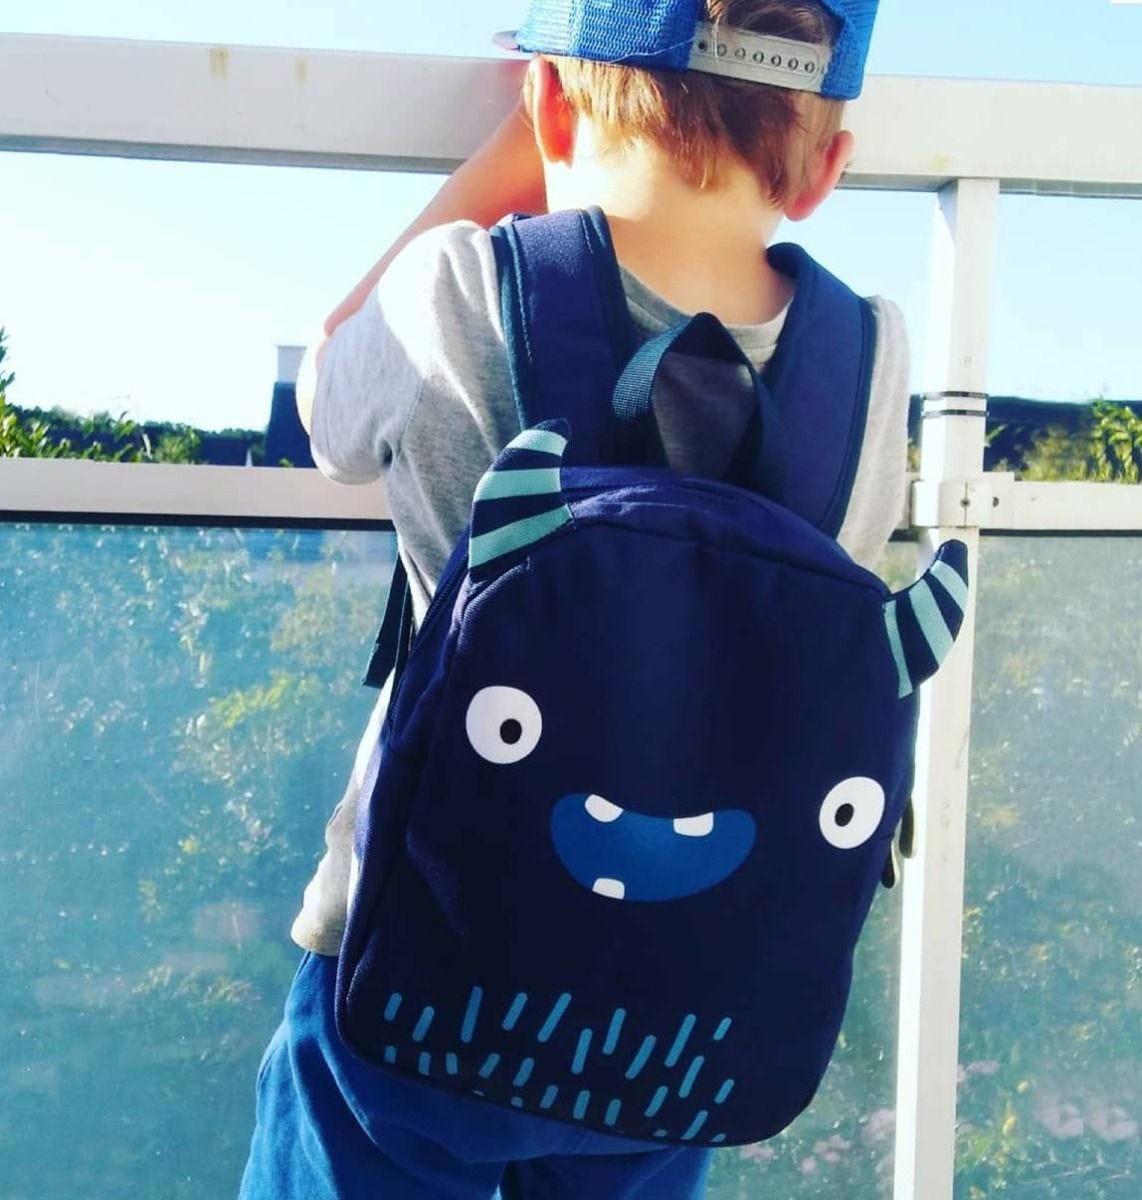 A Little Lovely Company Dětský batůžek Monster 5,5 l, modrá barva, textil